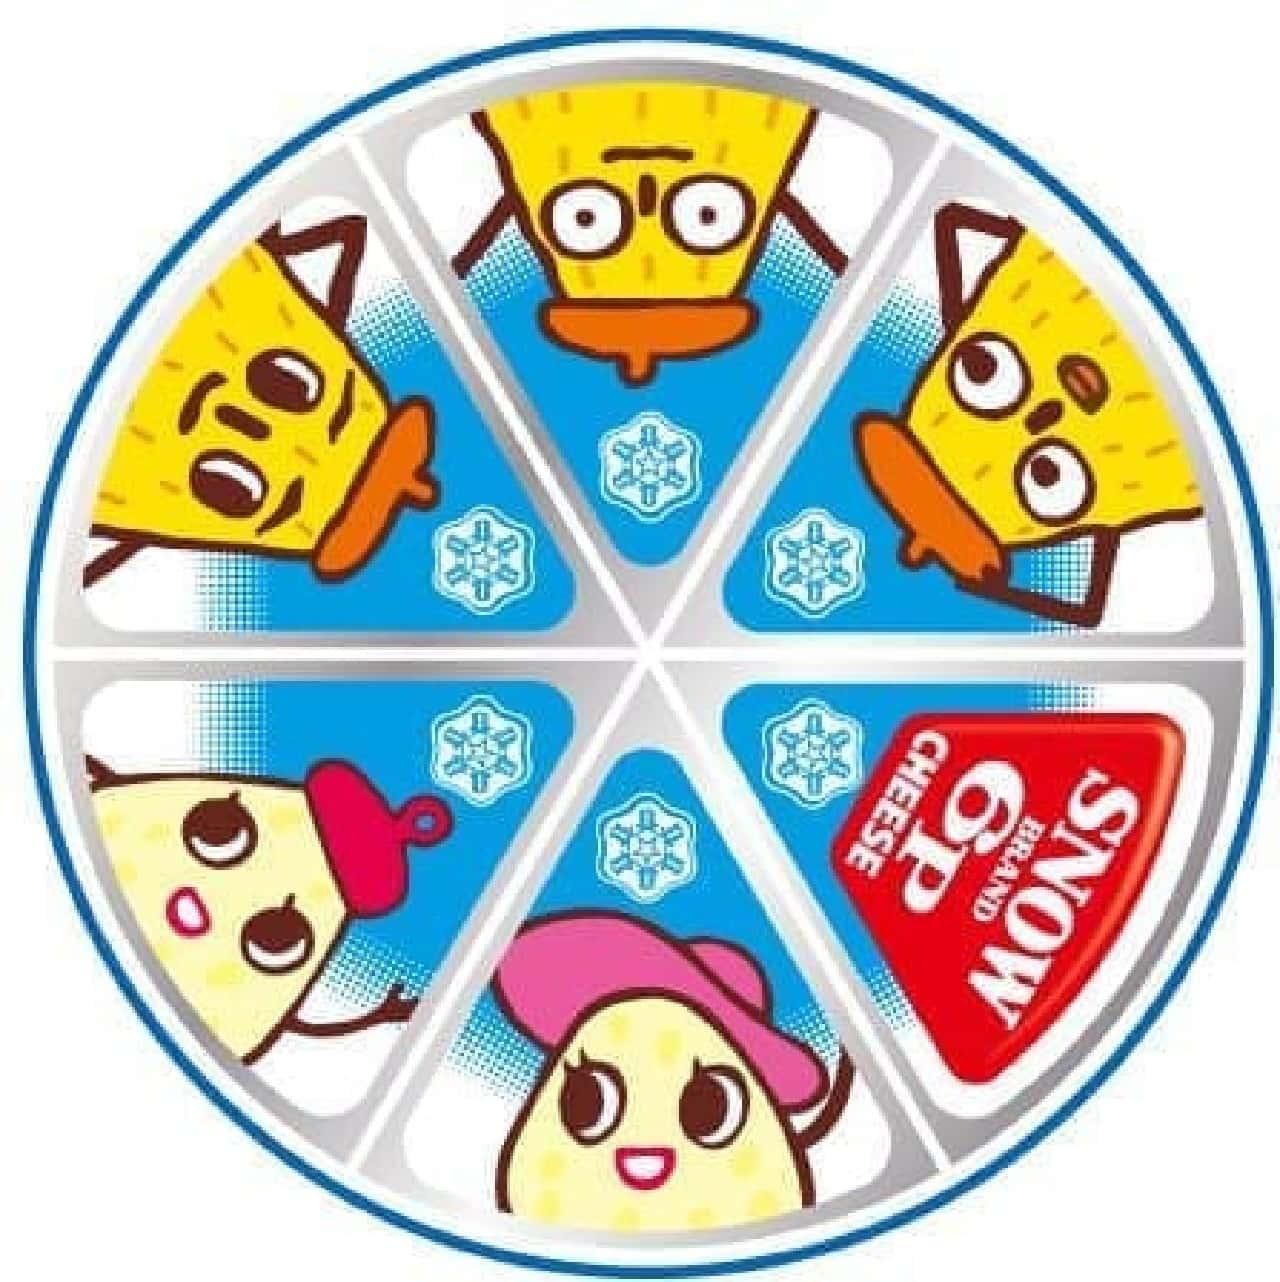 ポリンキーナ賞  「ポリンキー&ポリンキーナ スペシャルパッケージ 雪印 6Pチーズ」